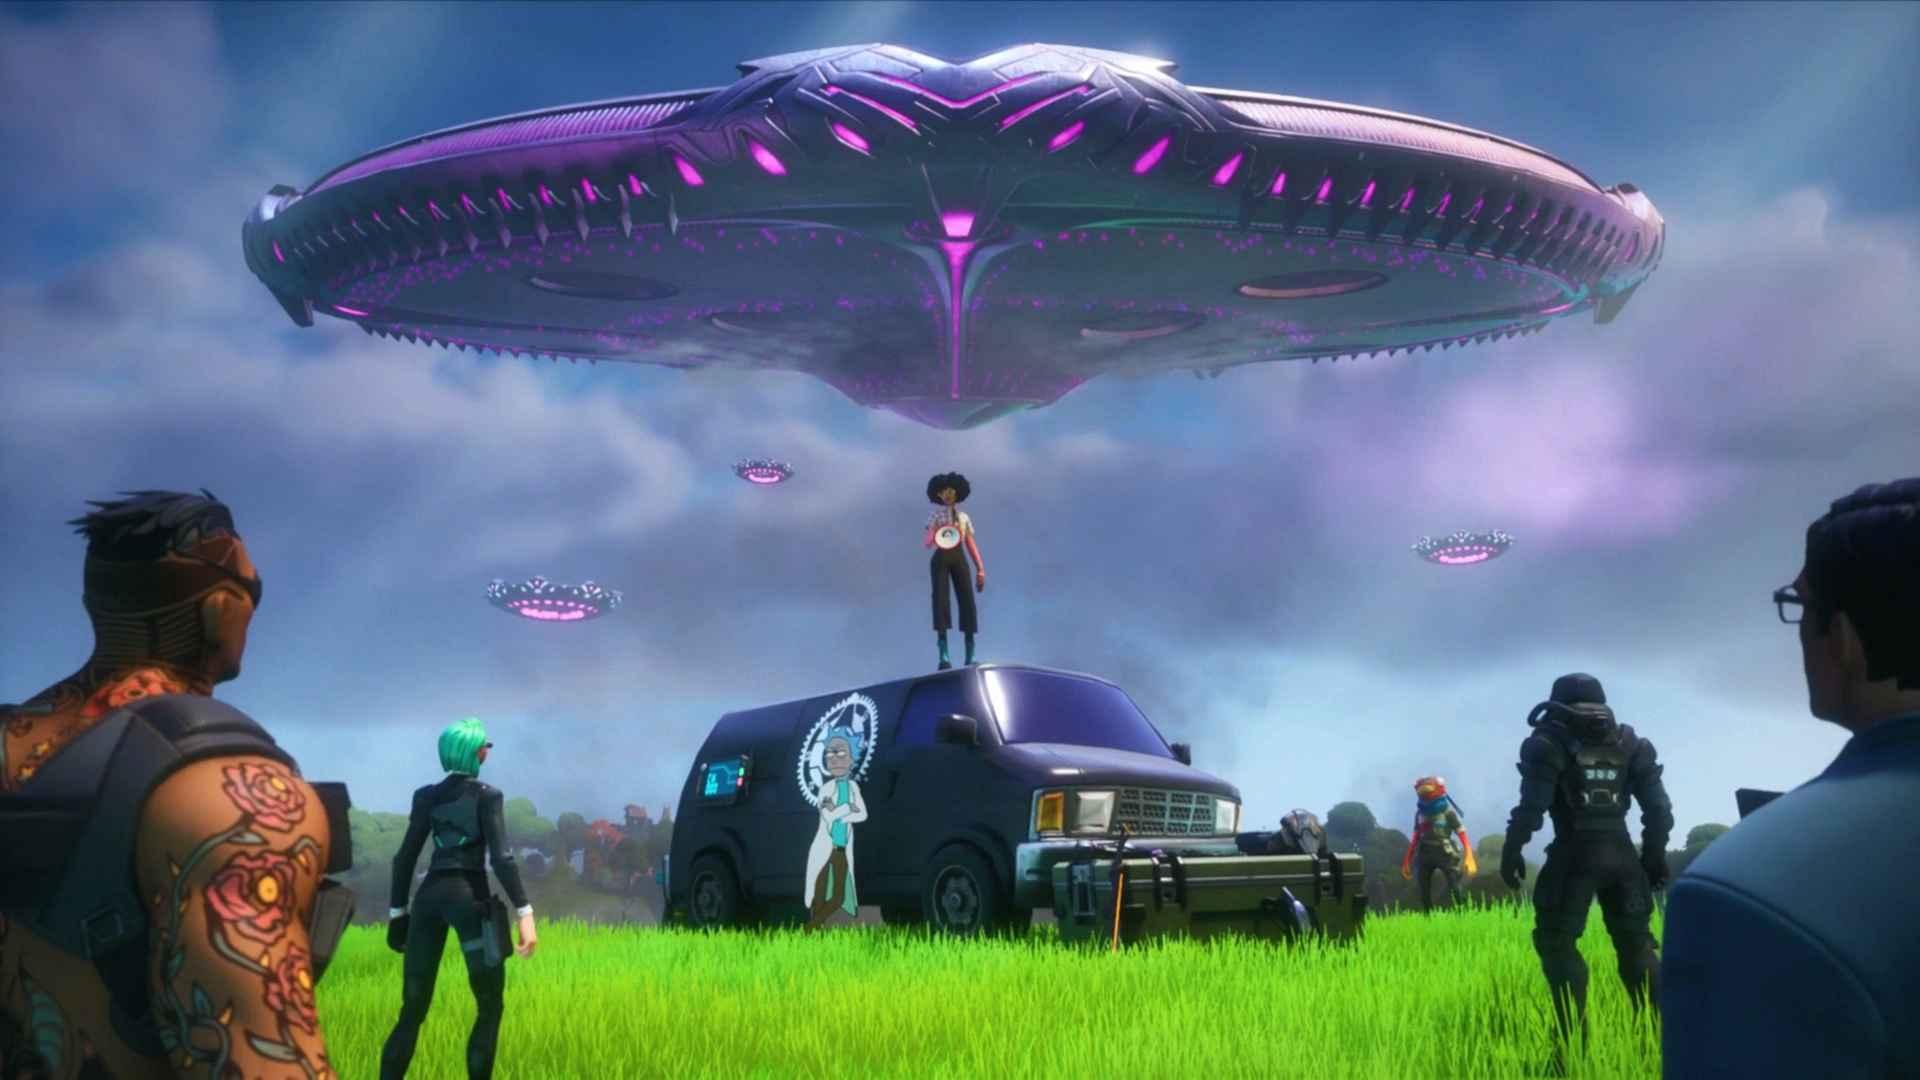 Ilustração promocional do jogo Fortnite, mostrando personagens se deparando com uma imensa nave espacial